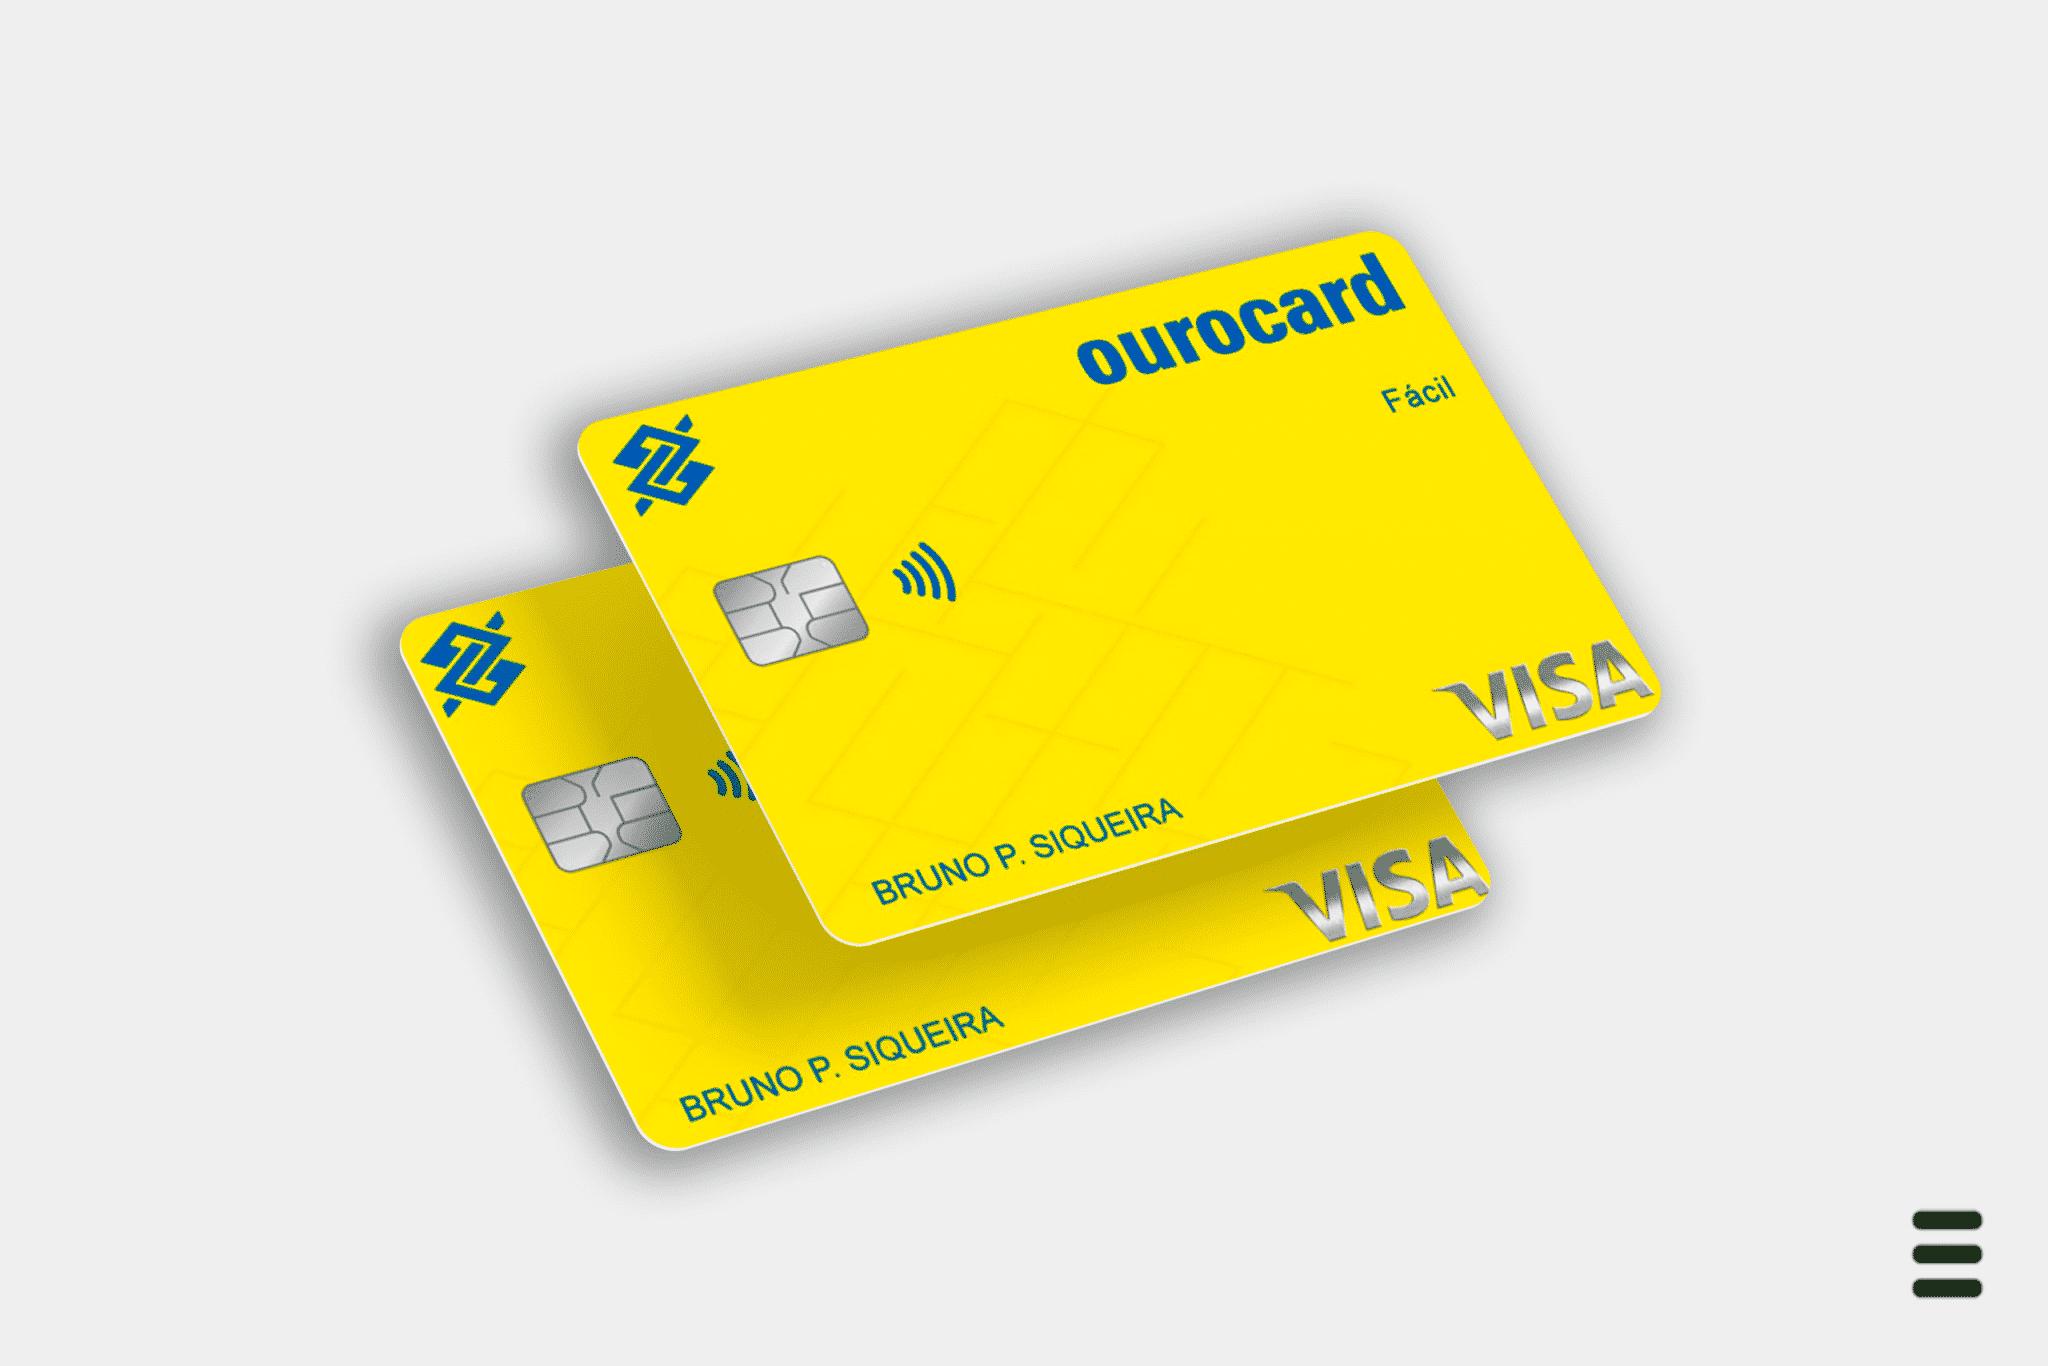 Cartão ourocard fácil: conheça todas as facilidades que esse cartão traz para você!